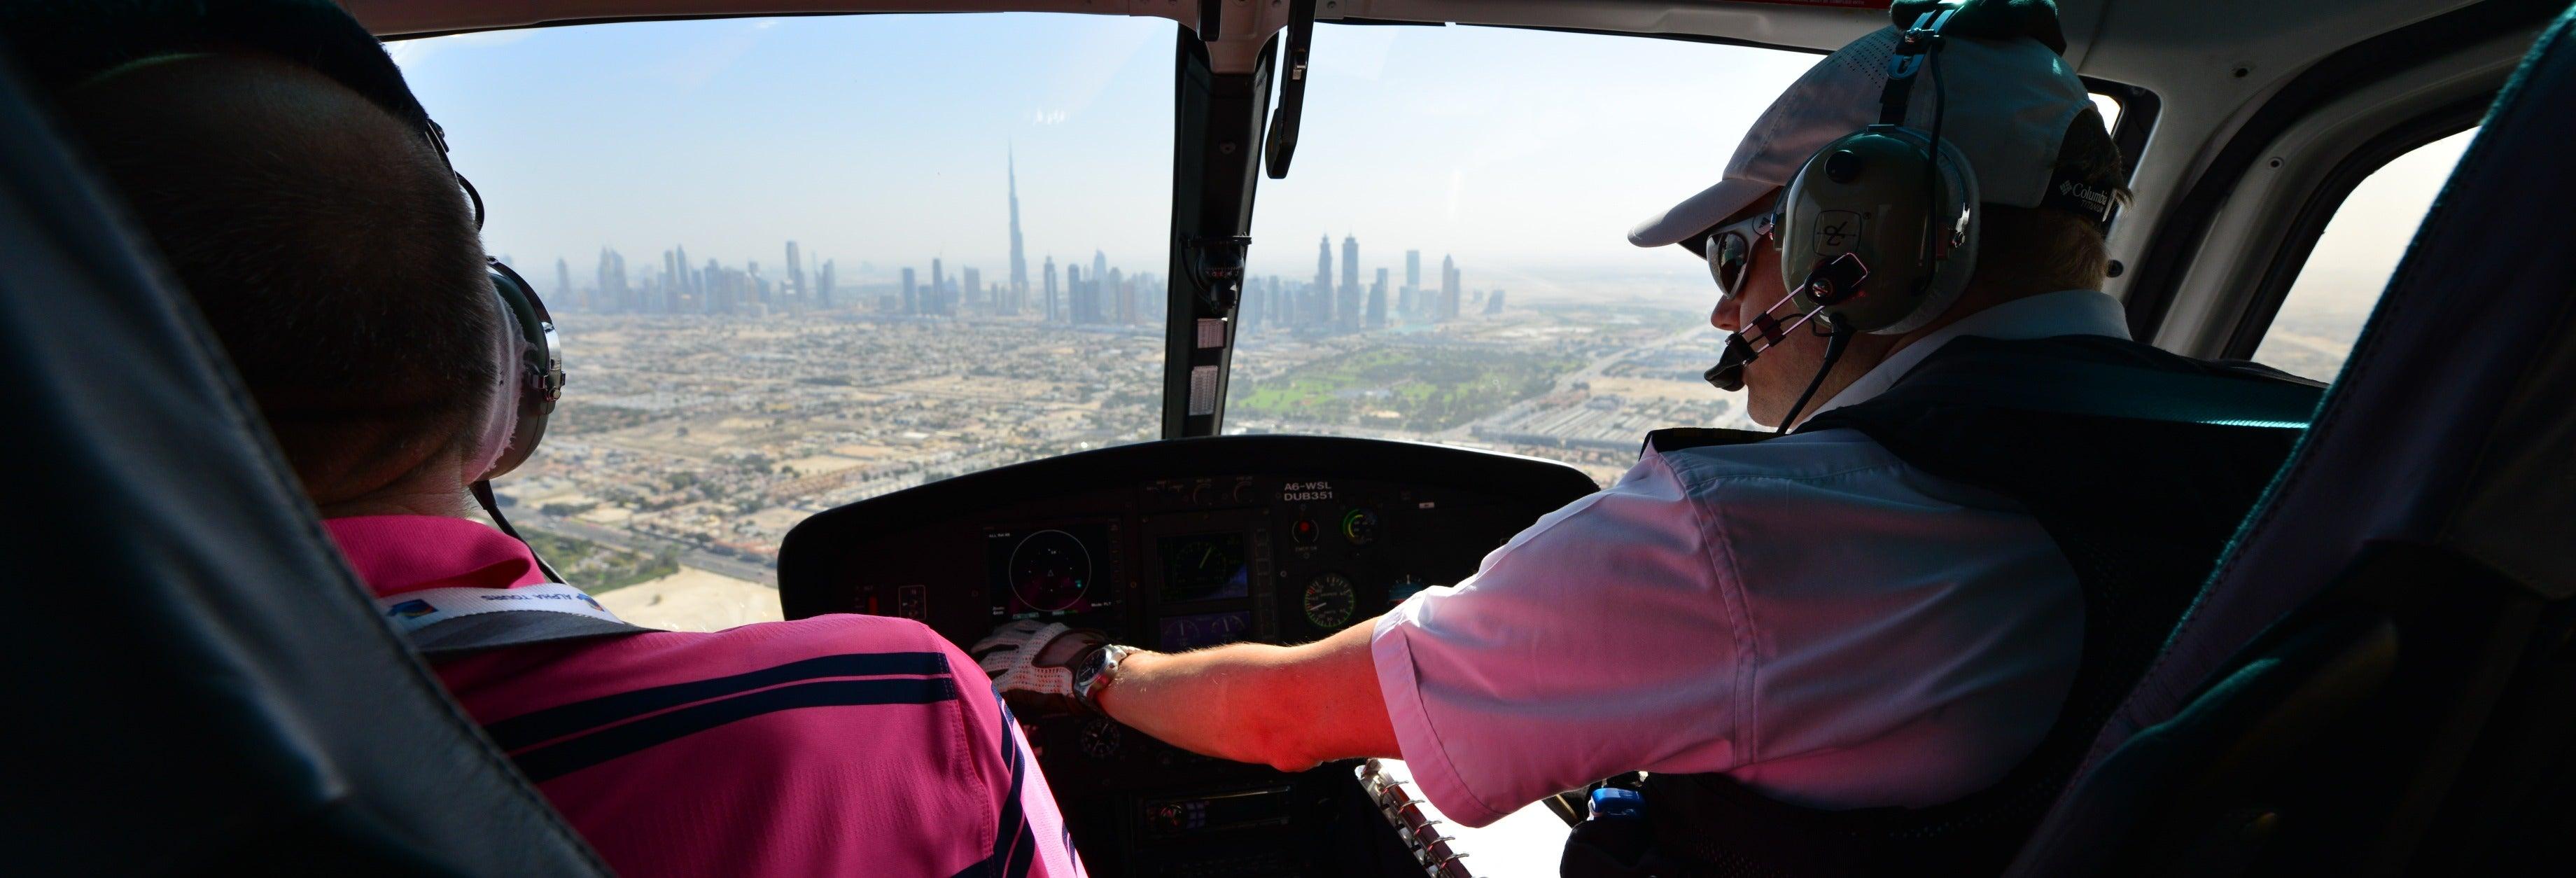 Paseo en helicóptero por Dubái